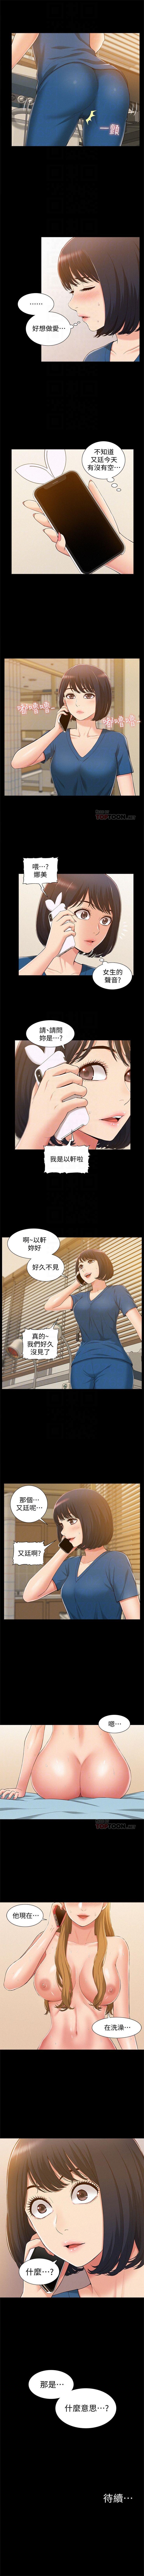 (周4)难言之隐 1-19 中文翻译(更新中) 49